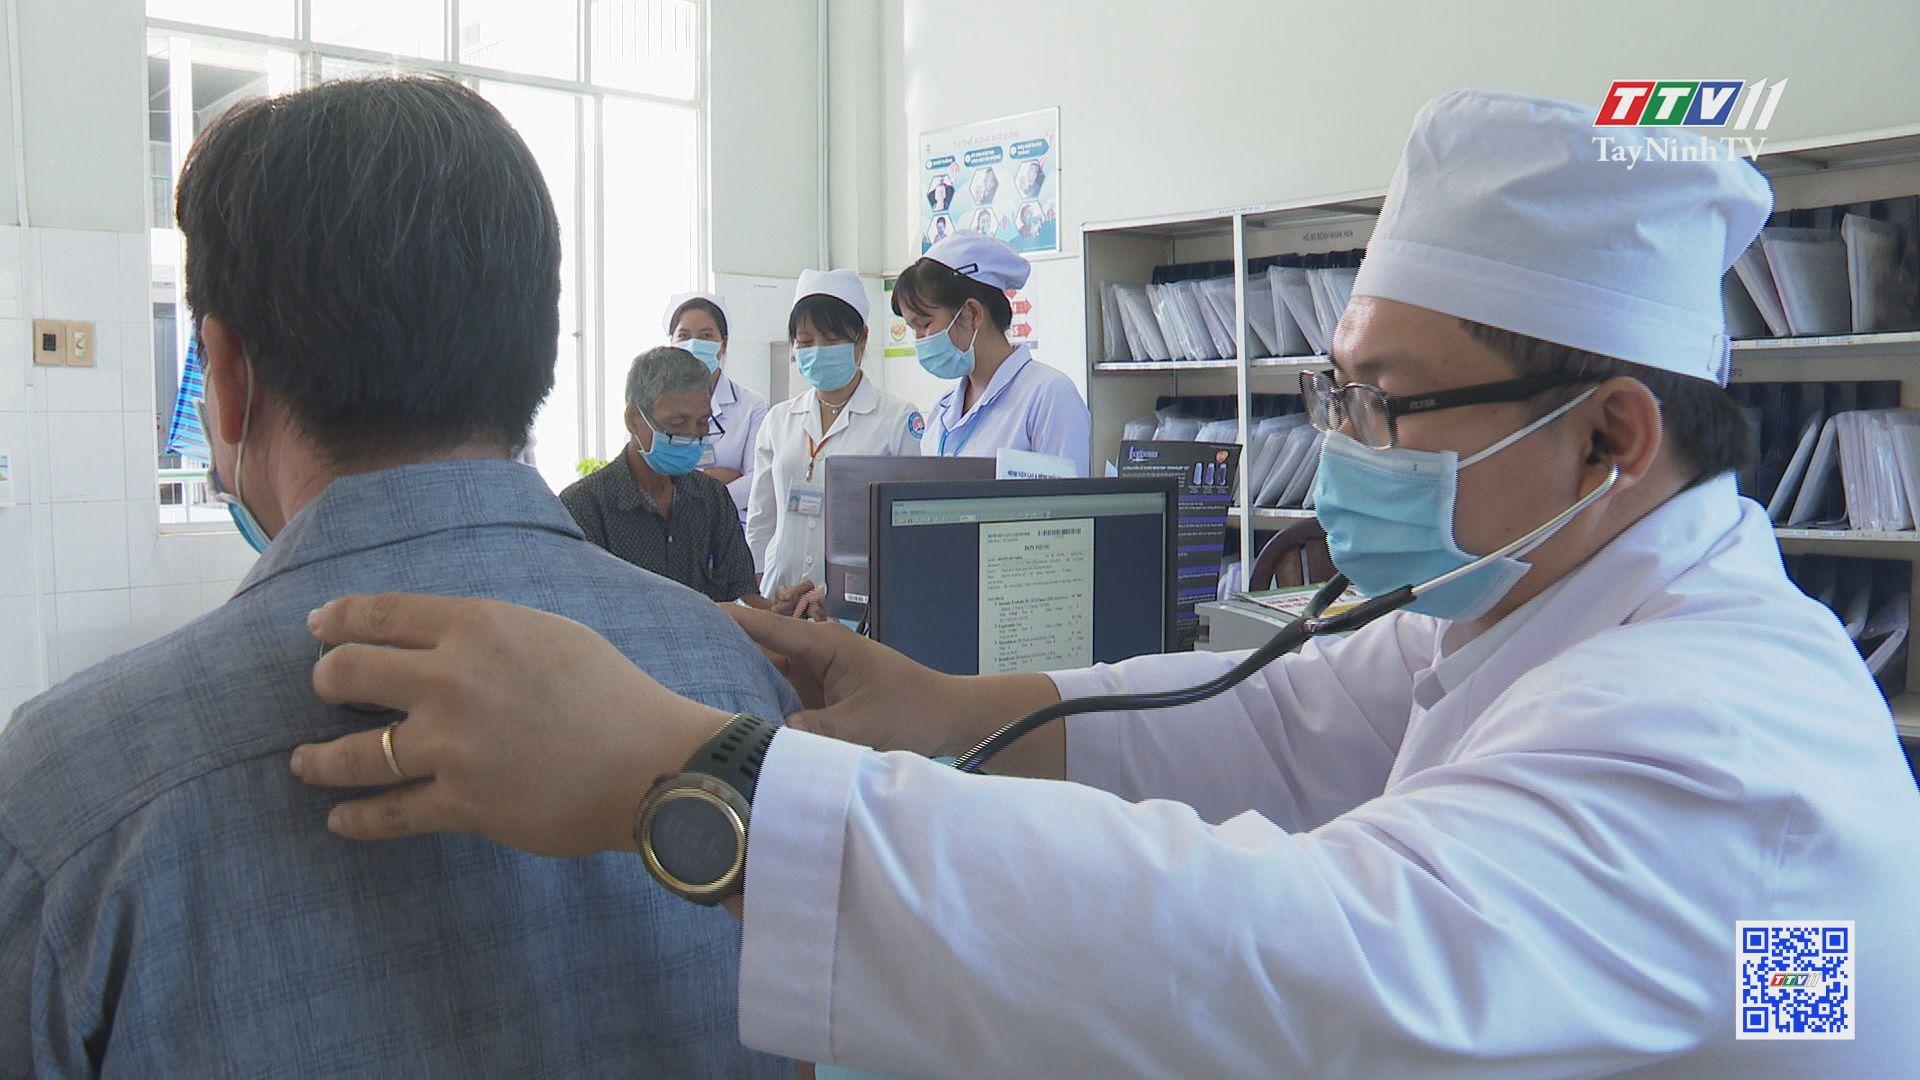 Phòng tránh bệnh phổi tắc nghẽn mãn tính (COPD) | SỨC KHỎE CHO MỌI NGƯỜI | TayNinhTV